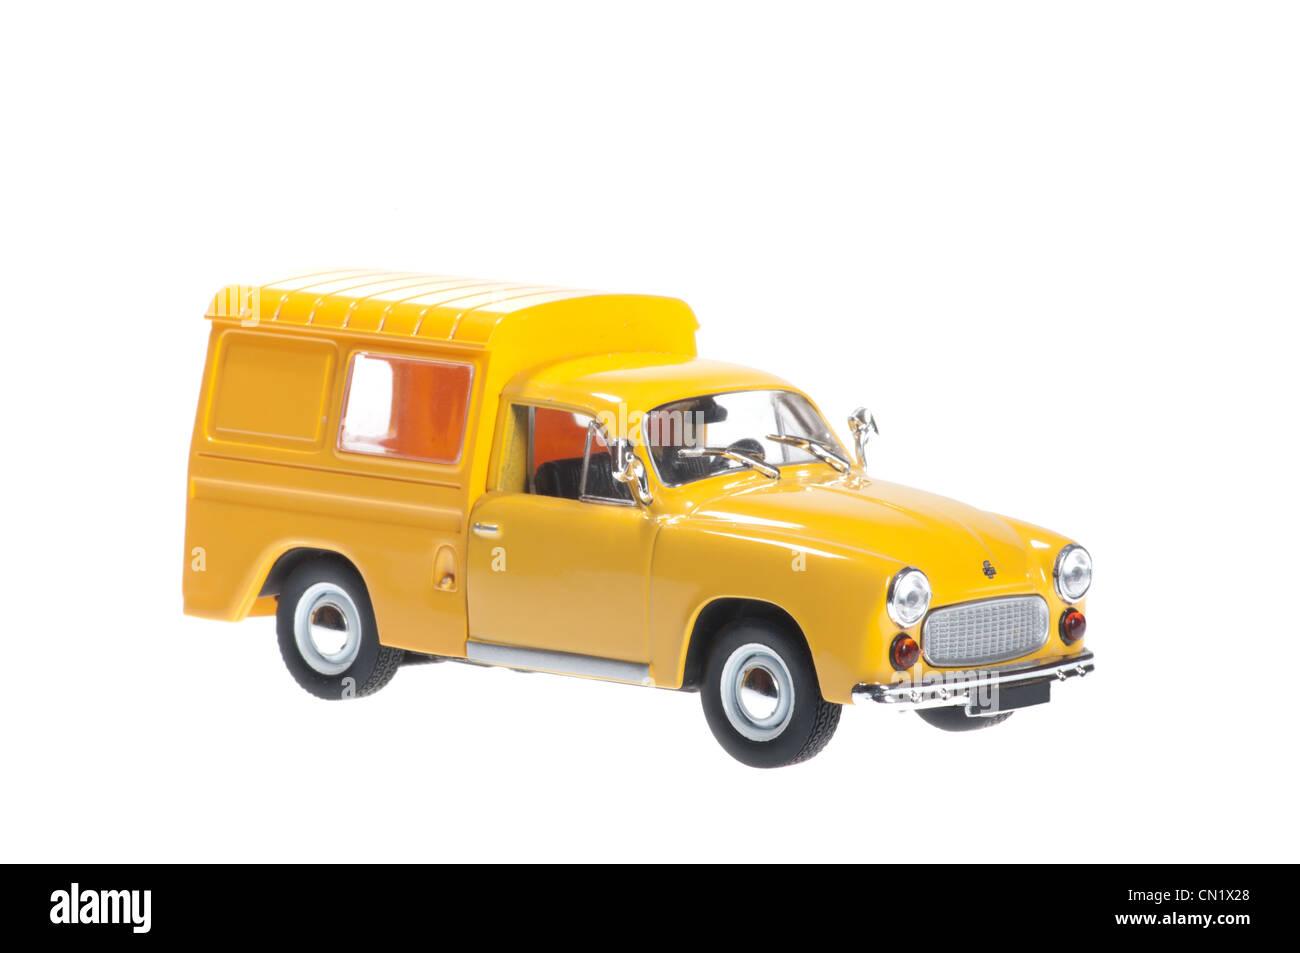 Syrena 105 Bosto yellow on white background. - Stock Image